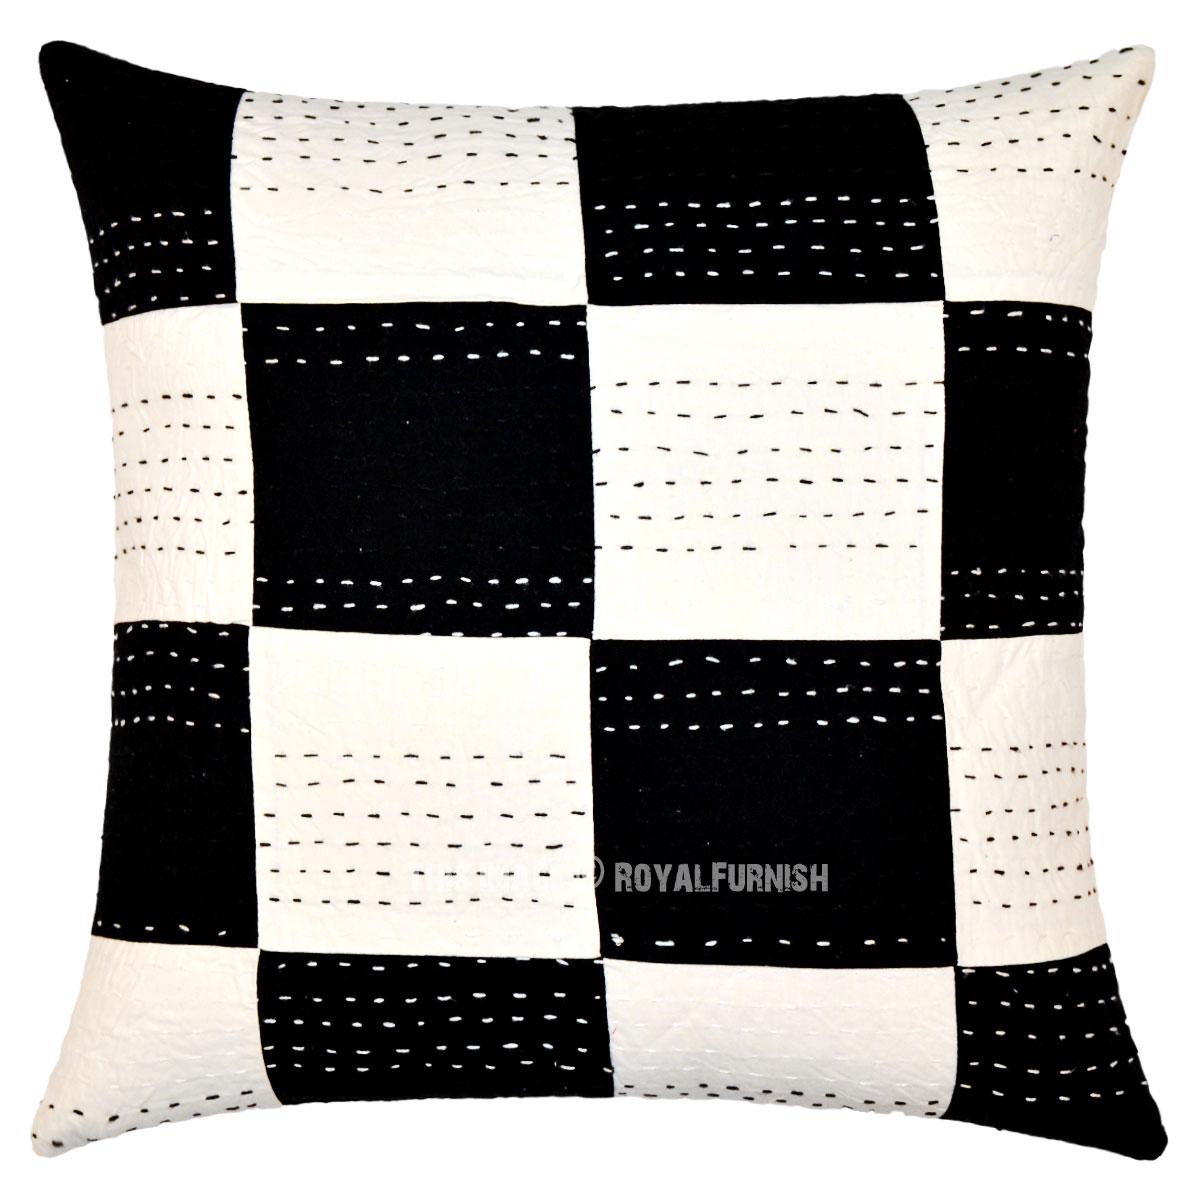 Throw Me A Pillow Coupon Code : Decorative Black & White Squares Kantha Throw Pillow Case 40